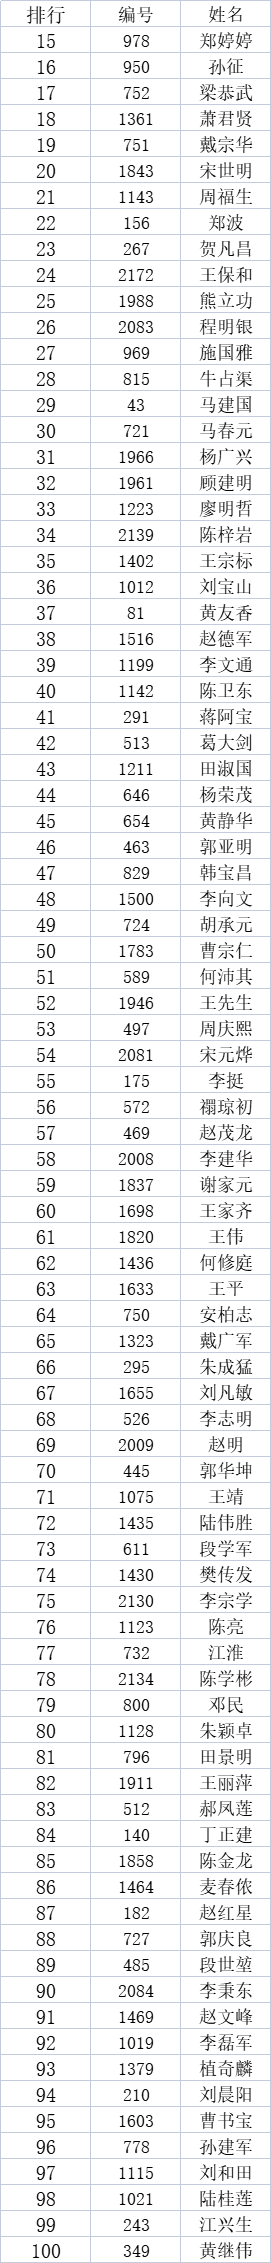 """2021年""""现代名家·千秋锦绣杯""""全国书画艺术大赛获奖名单公布!-第5张"""